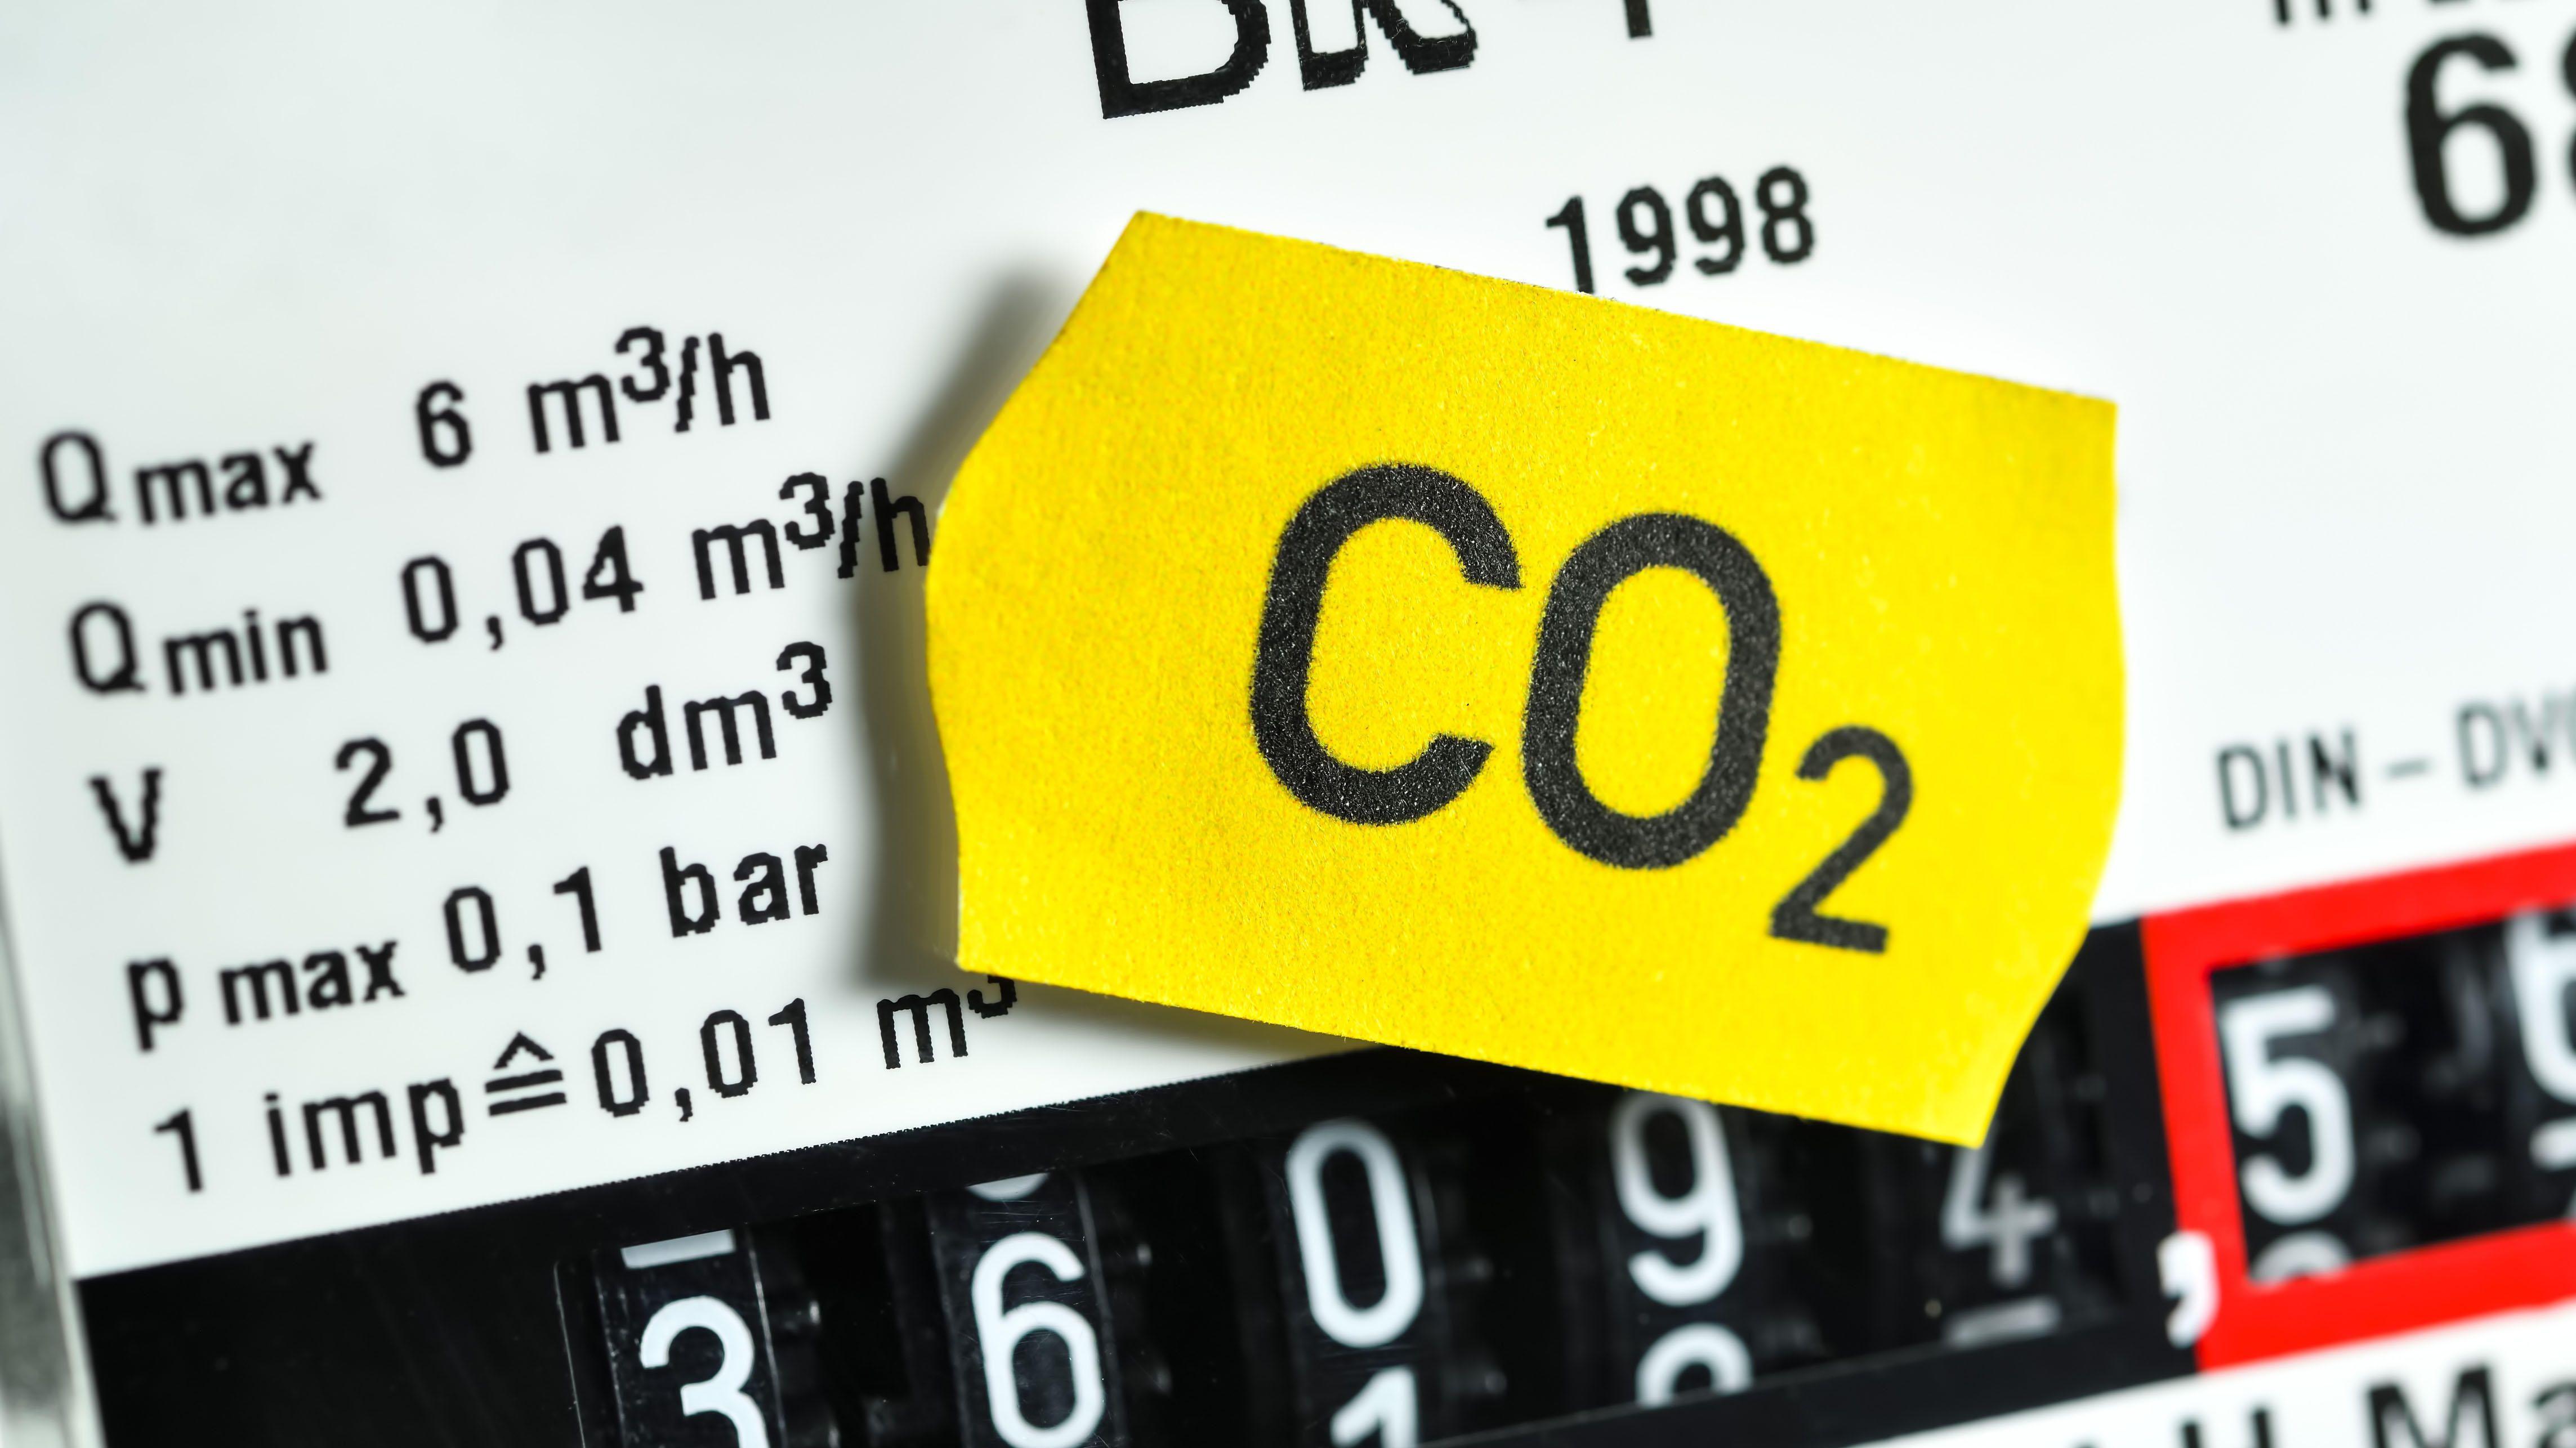 Symbolbild - Zähler mit CO2